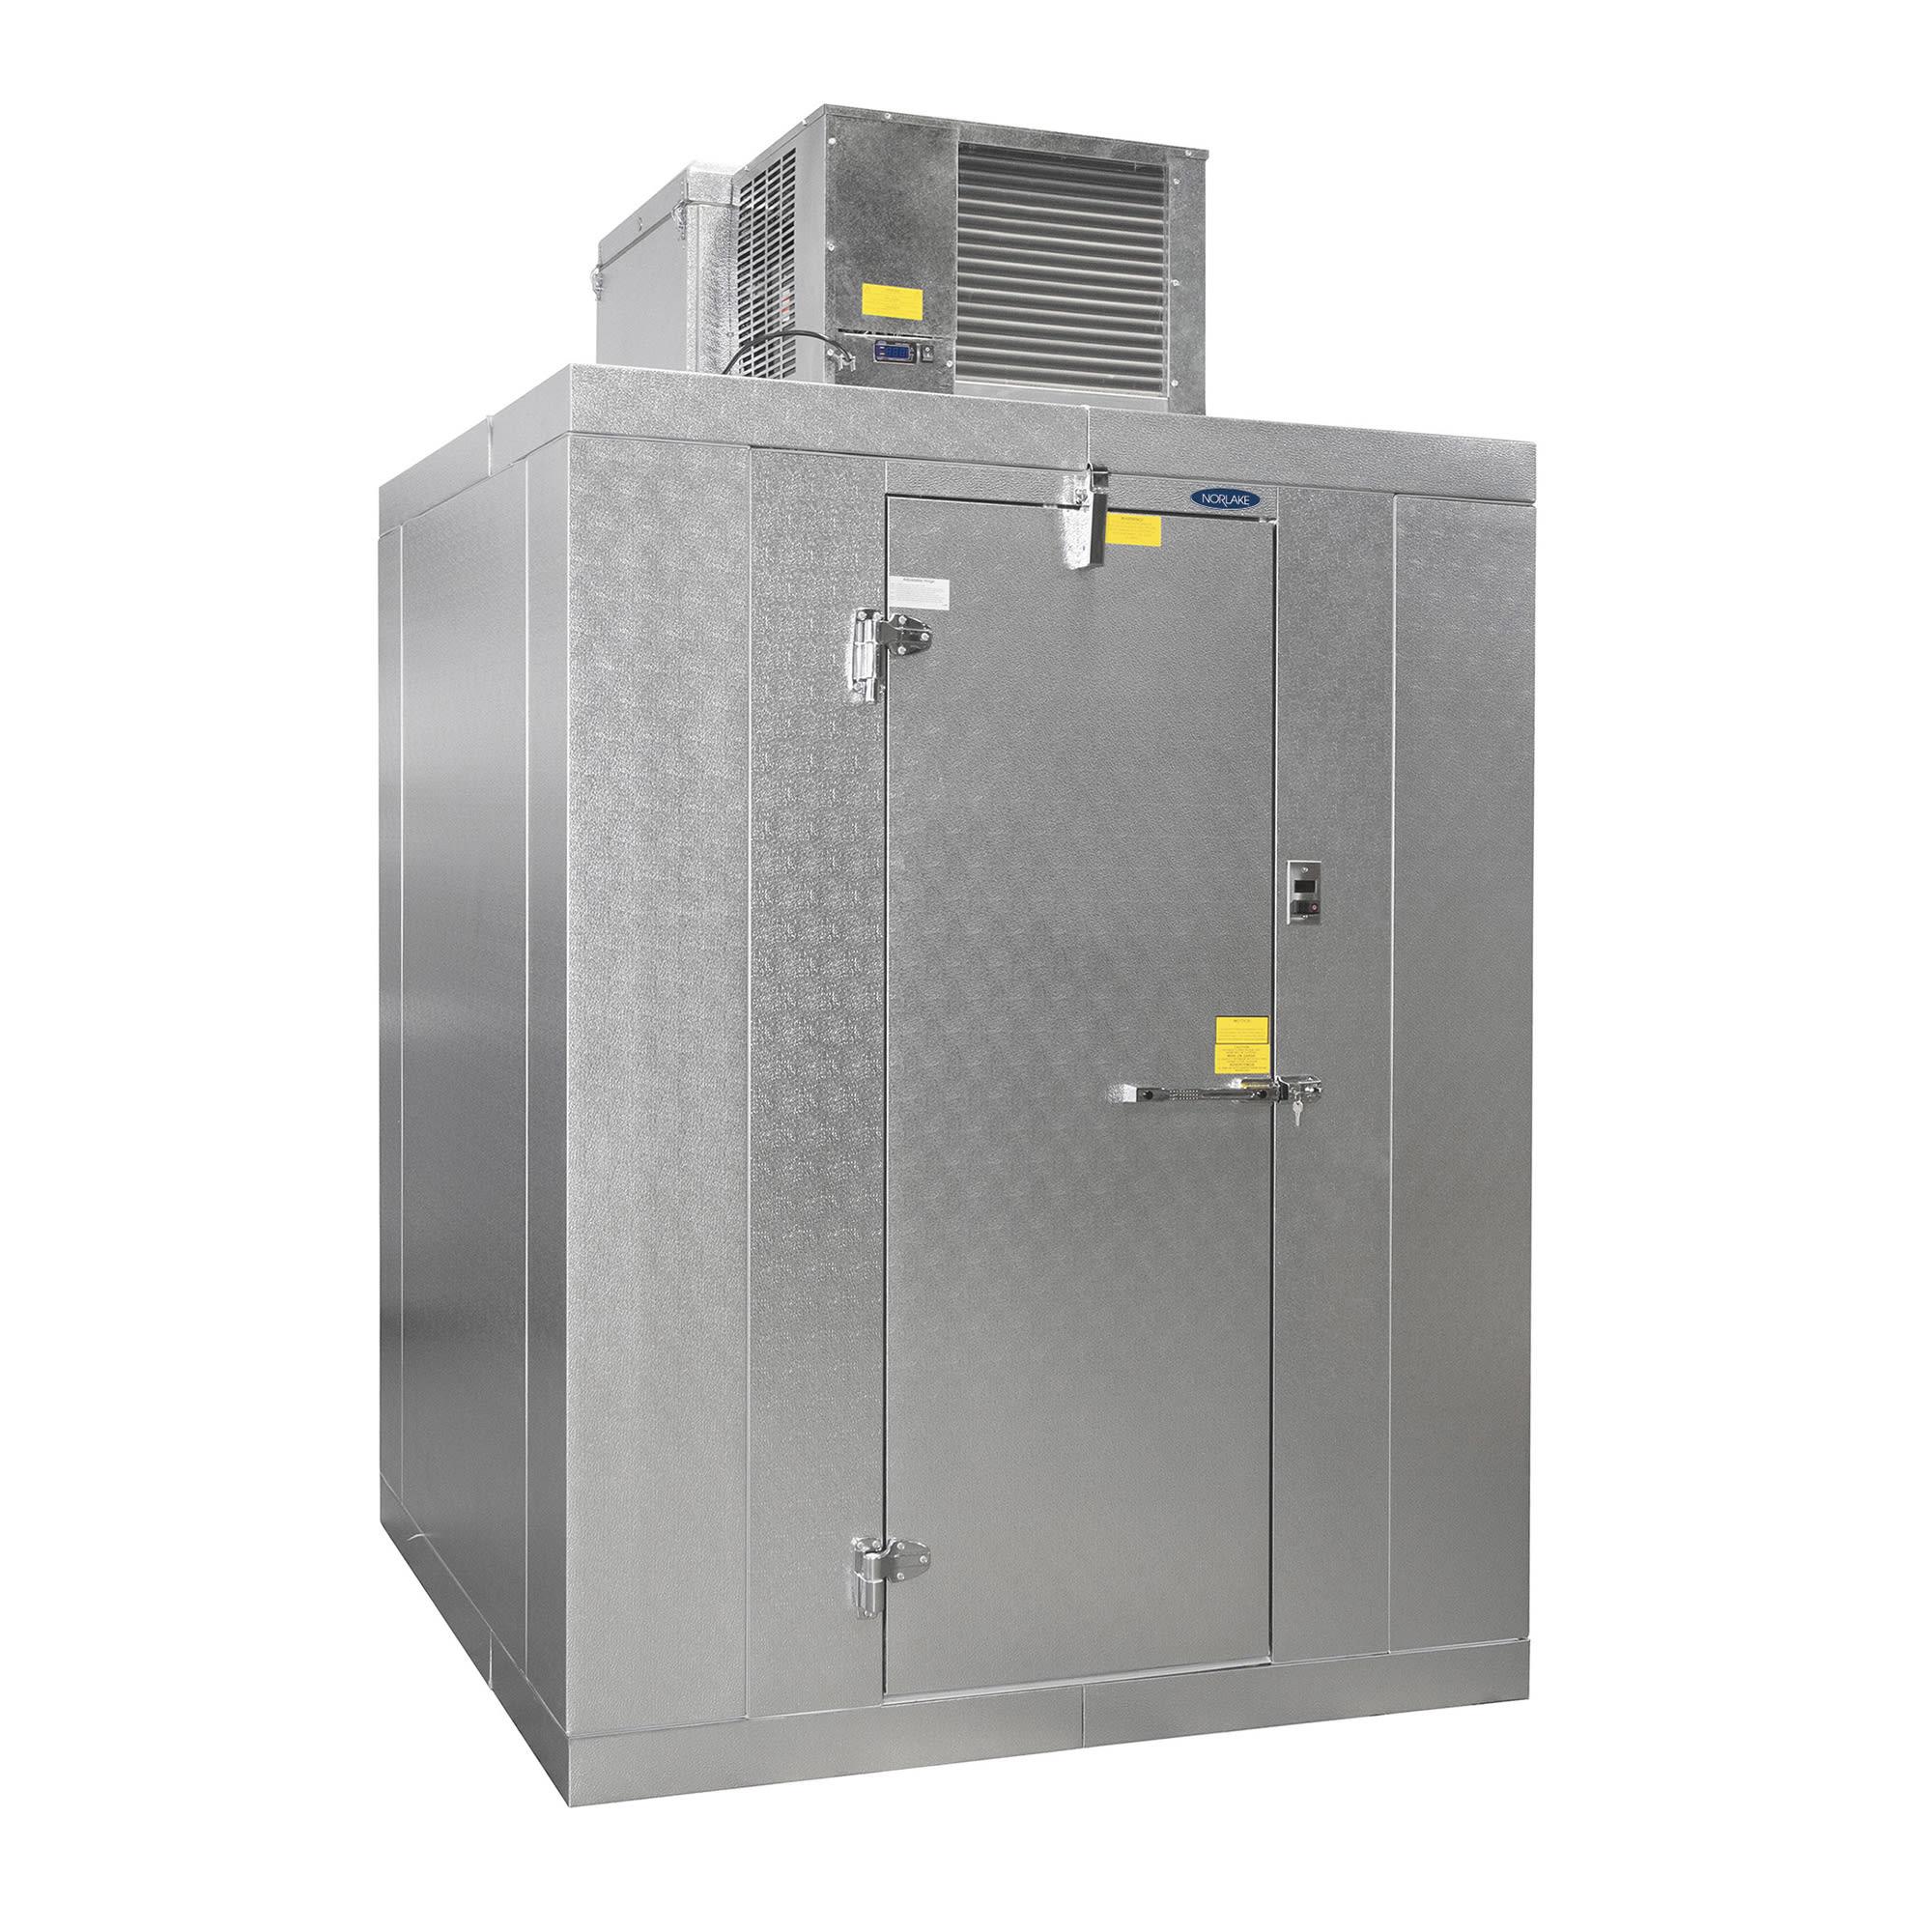 Norlake KODF7788-C Outdoor Walk-In Freezer w/ Top Mount Compressor, 8' x 8'